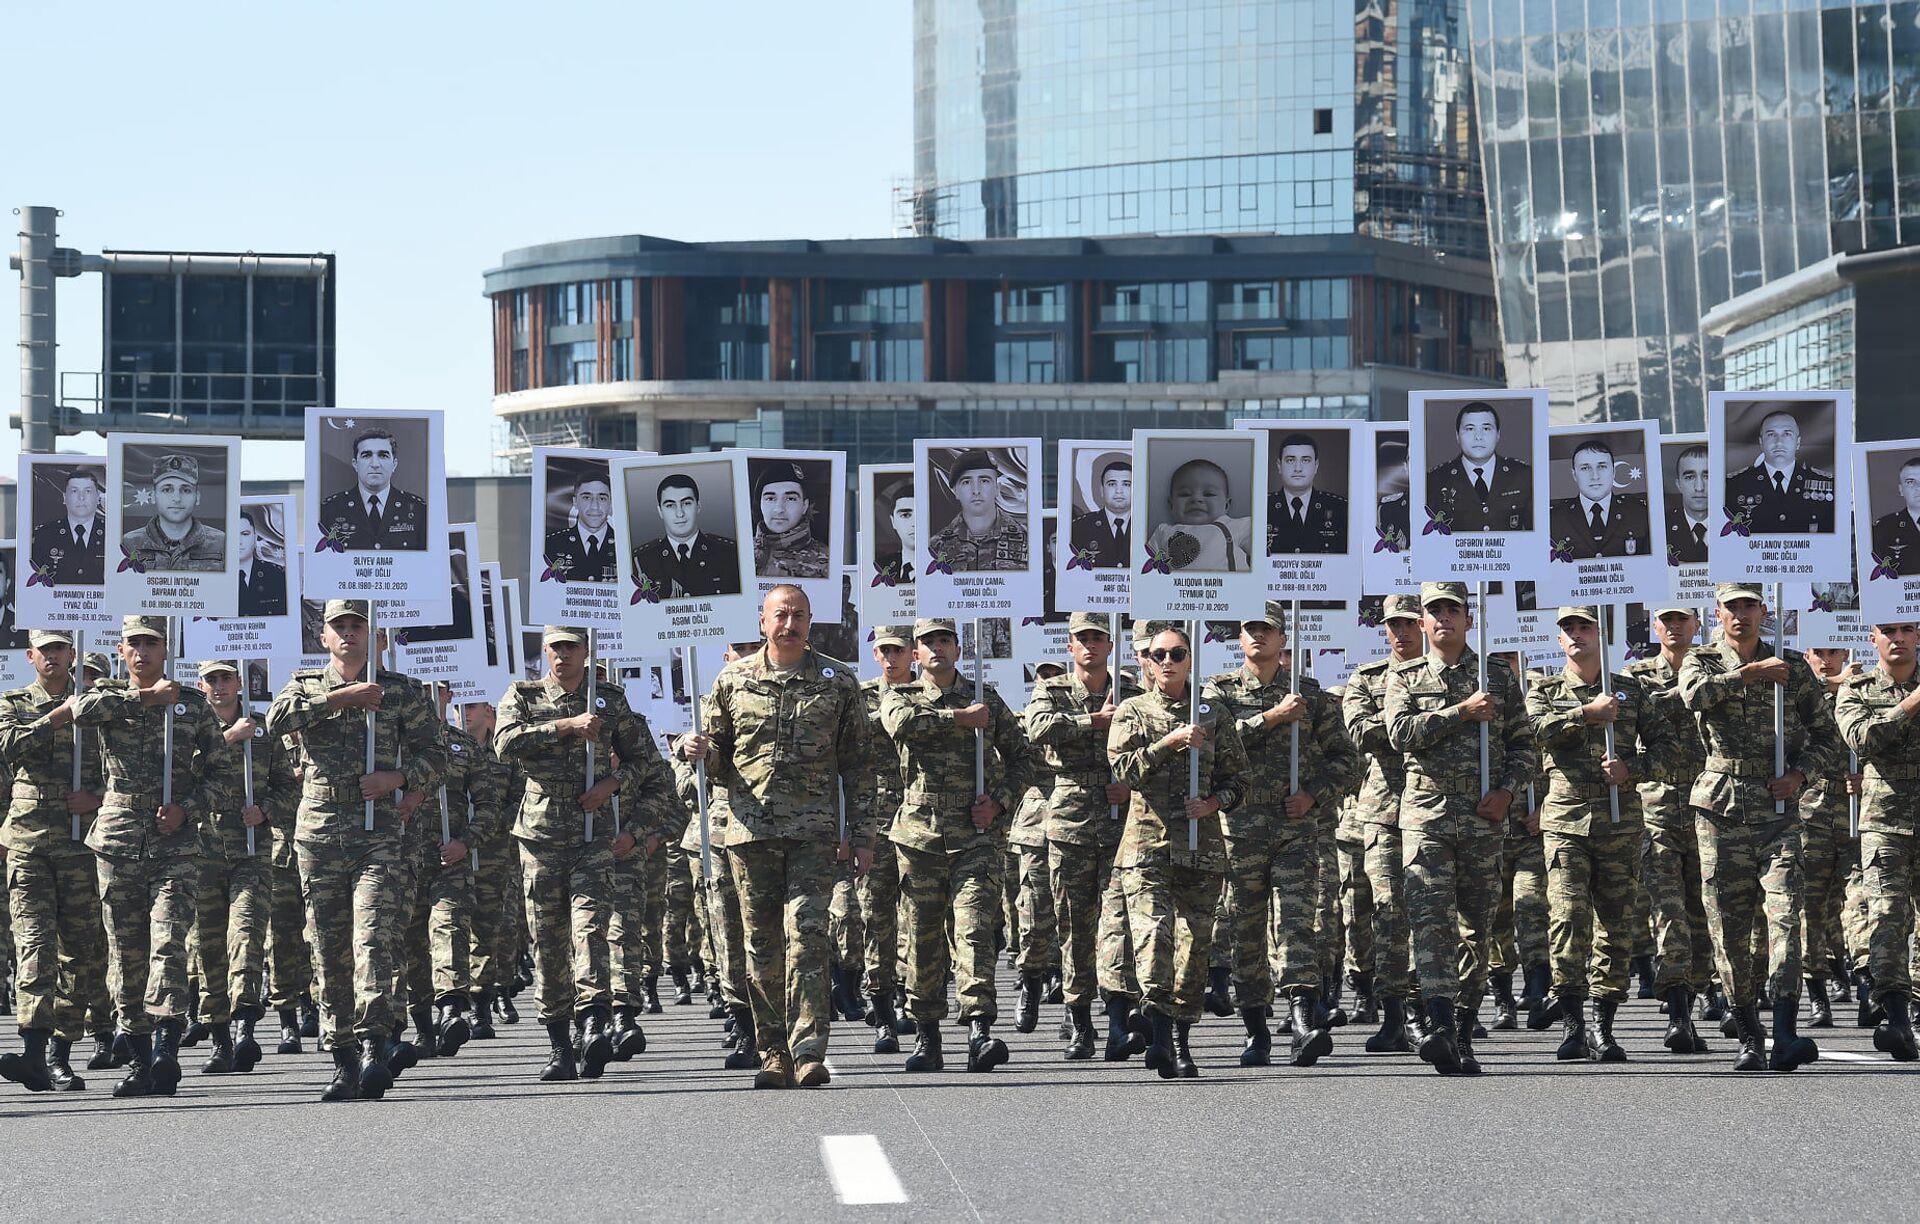 Президент Ильхам Алиев и Первая леди Мехрибан Алиева приняли участие в шествии в Баку в память о погибших в Отечественной войне - Sputnik Азербайджан, 1920, 01.10.2021